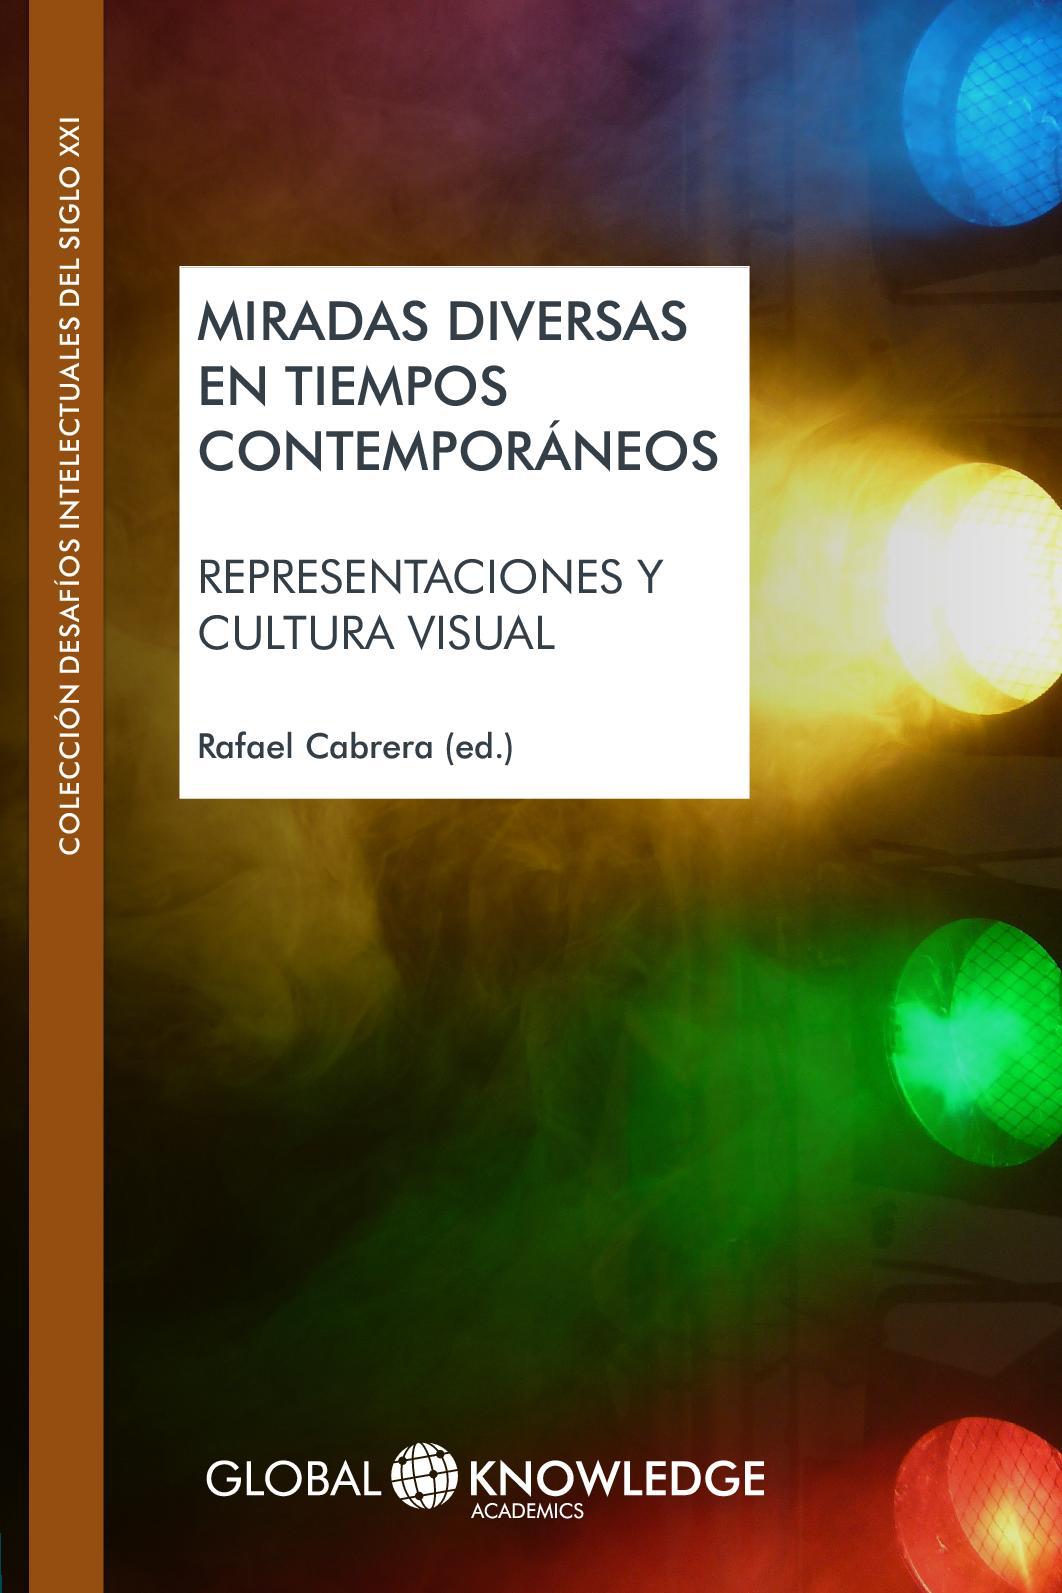 Calaméo - Miradas diversas en tiempos contemporáneos  representaciones y  cultura visual 5ace4671138